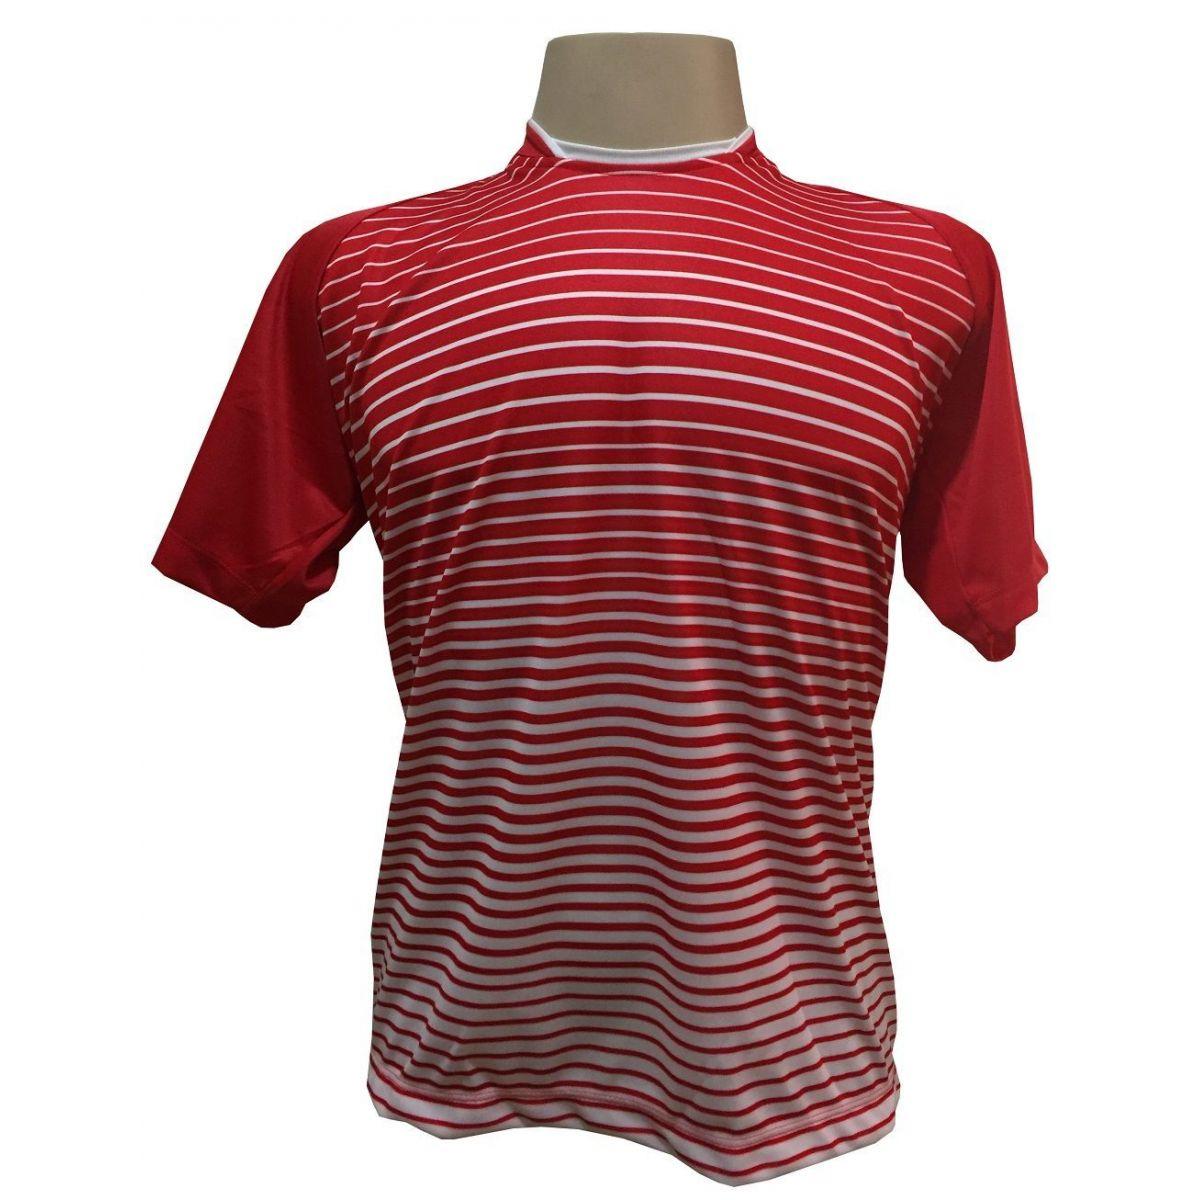 Uniforme Esportivo com 12 camisas modelo City Vermelho/Branco + 12 calções modelo Madrid Branco + Brindes